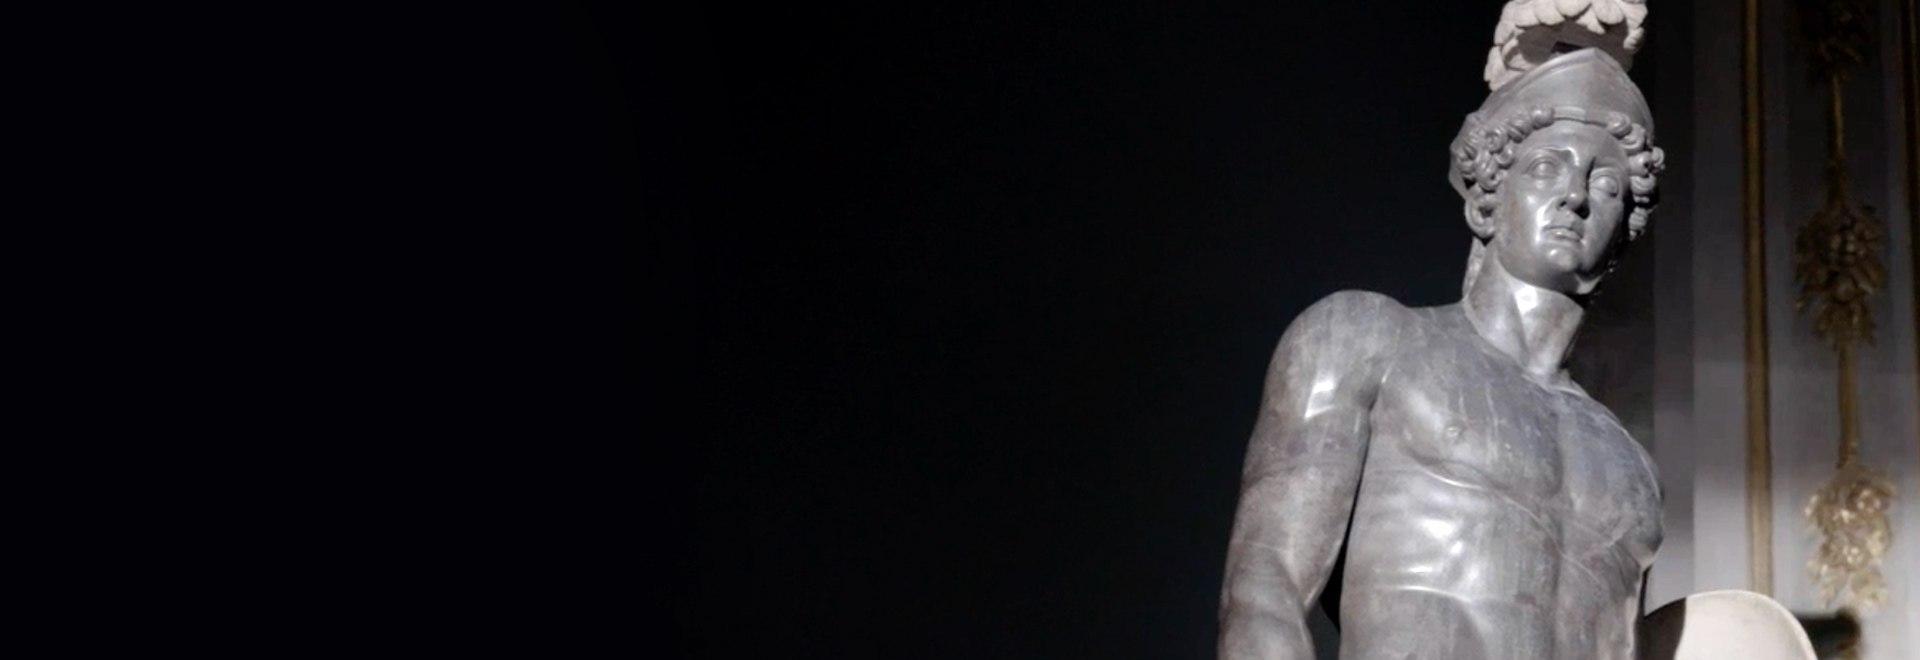 Ulisse - L'arte e il mito